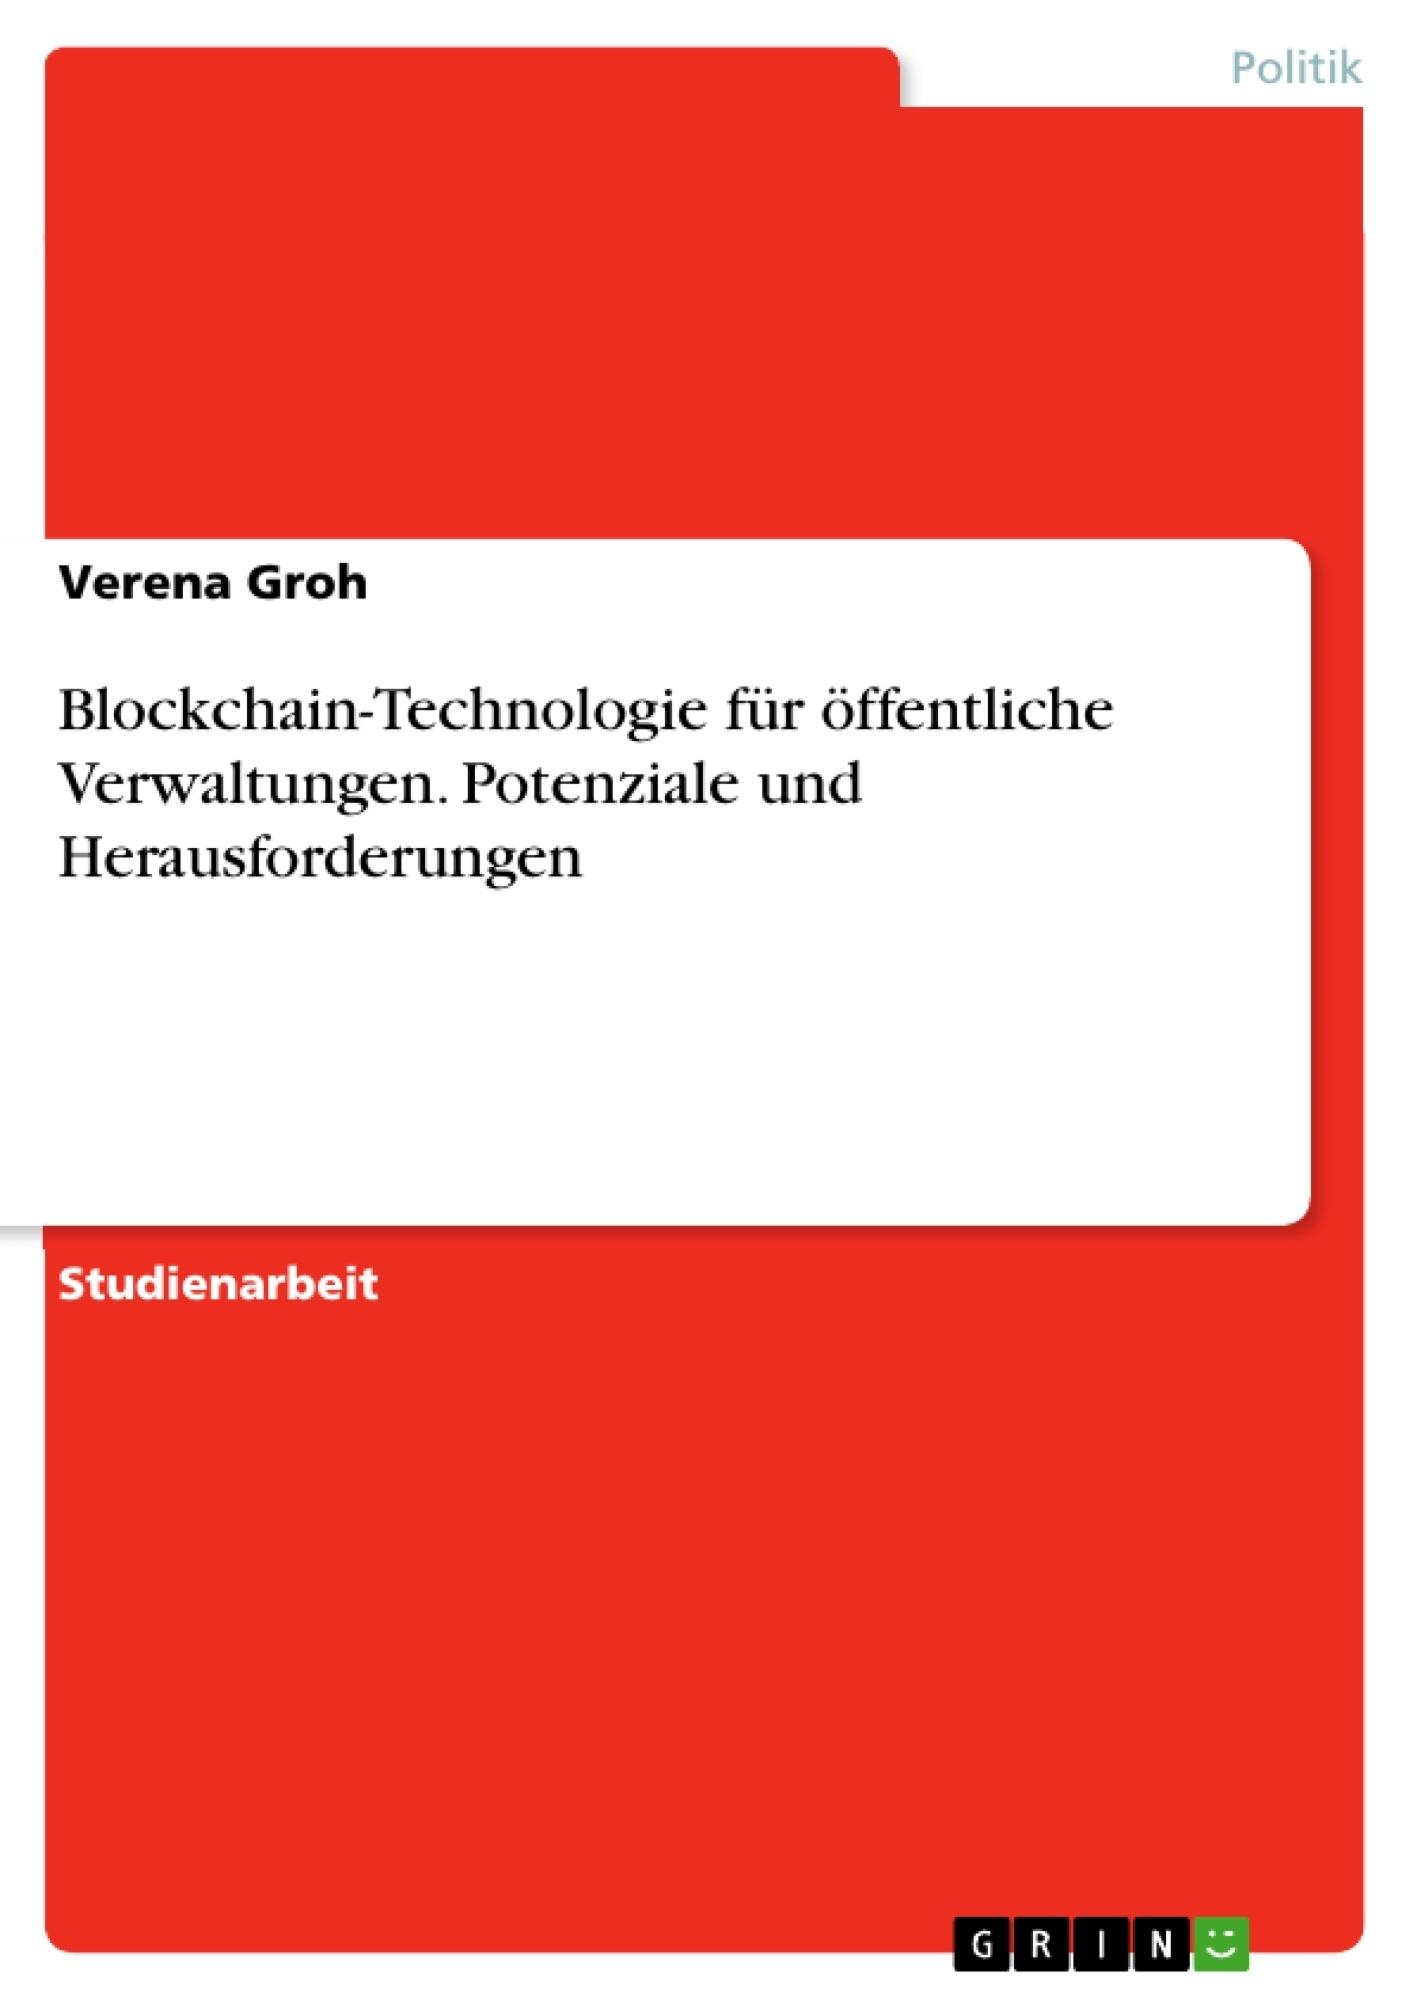 Titel: Blockchain-Technologie für öffentliche Verwaltungen. Potenziale und Herausforderungen